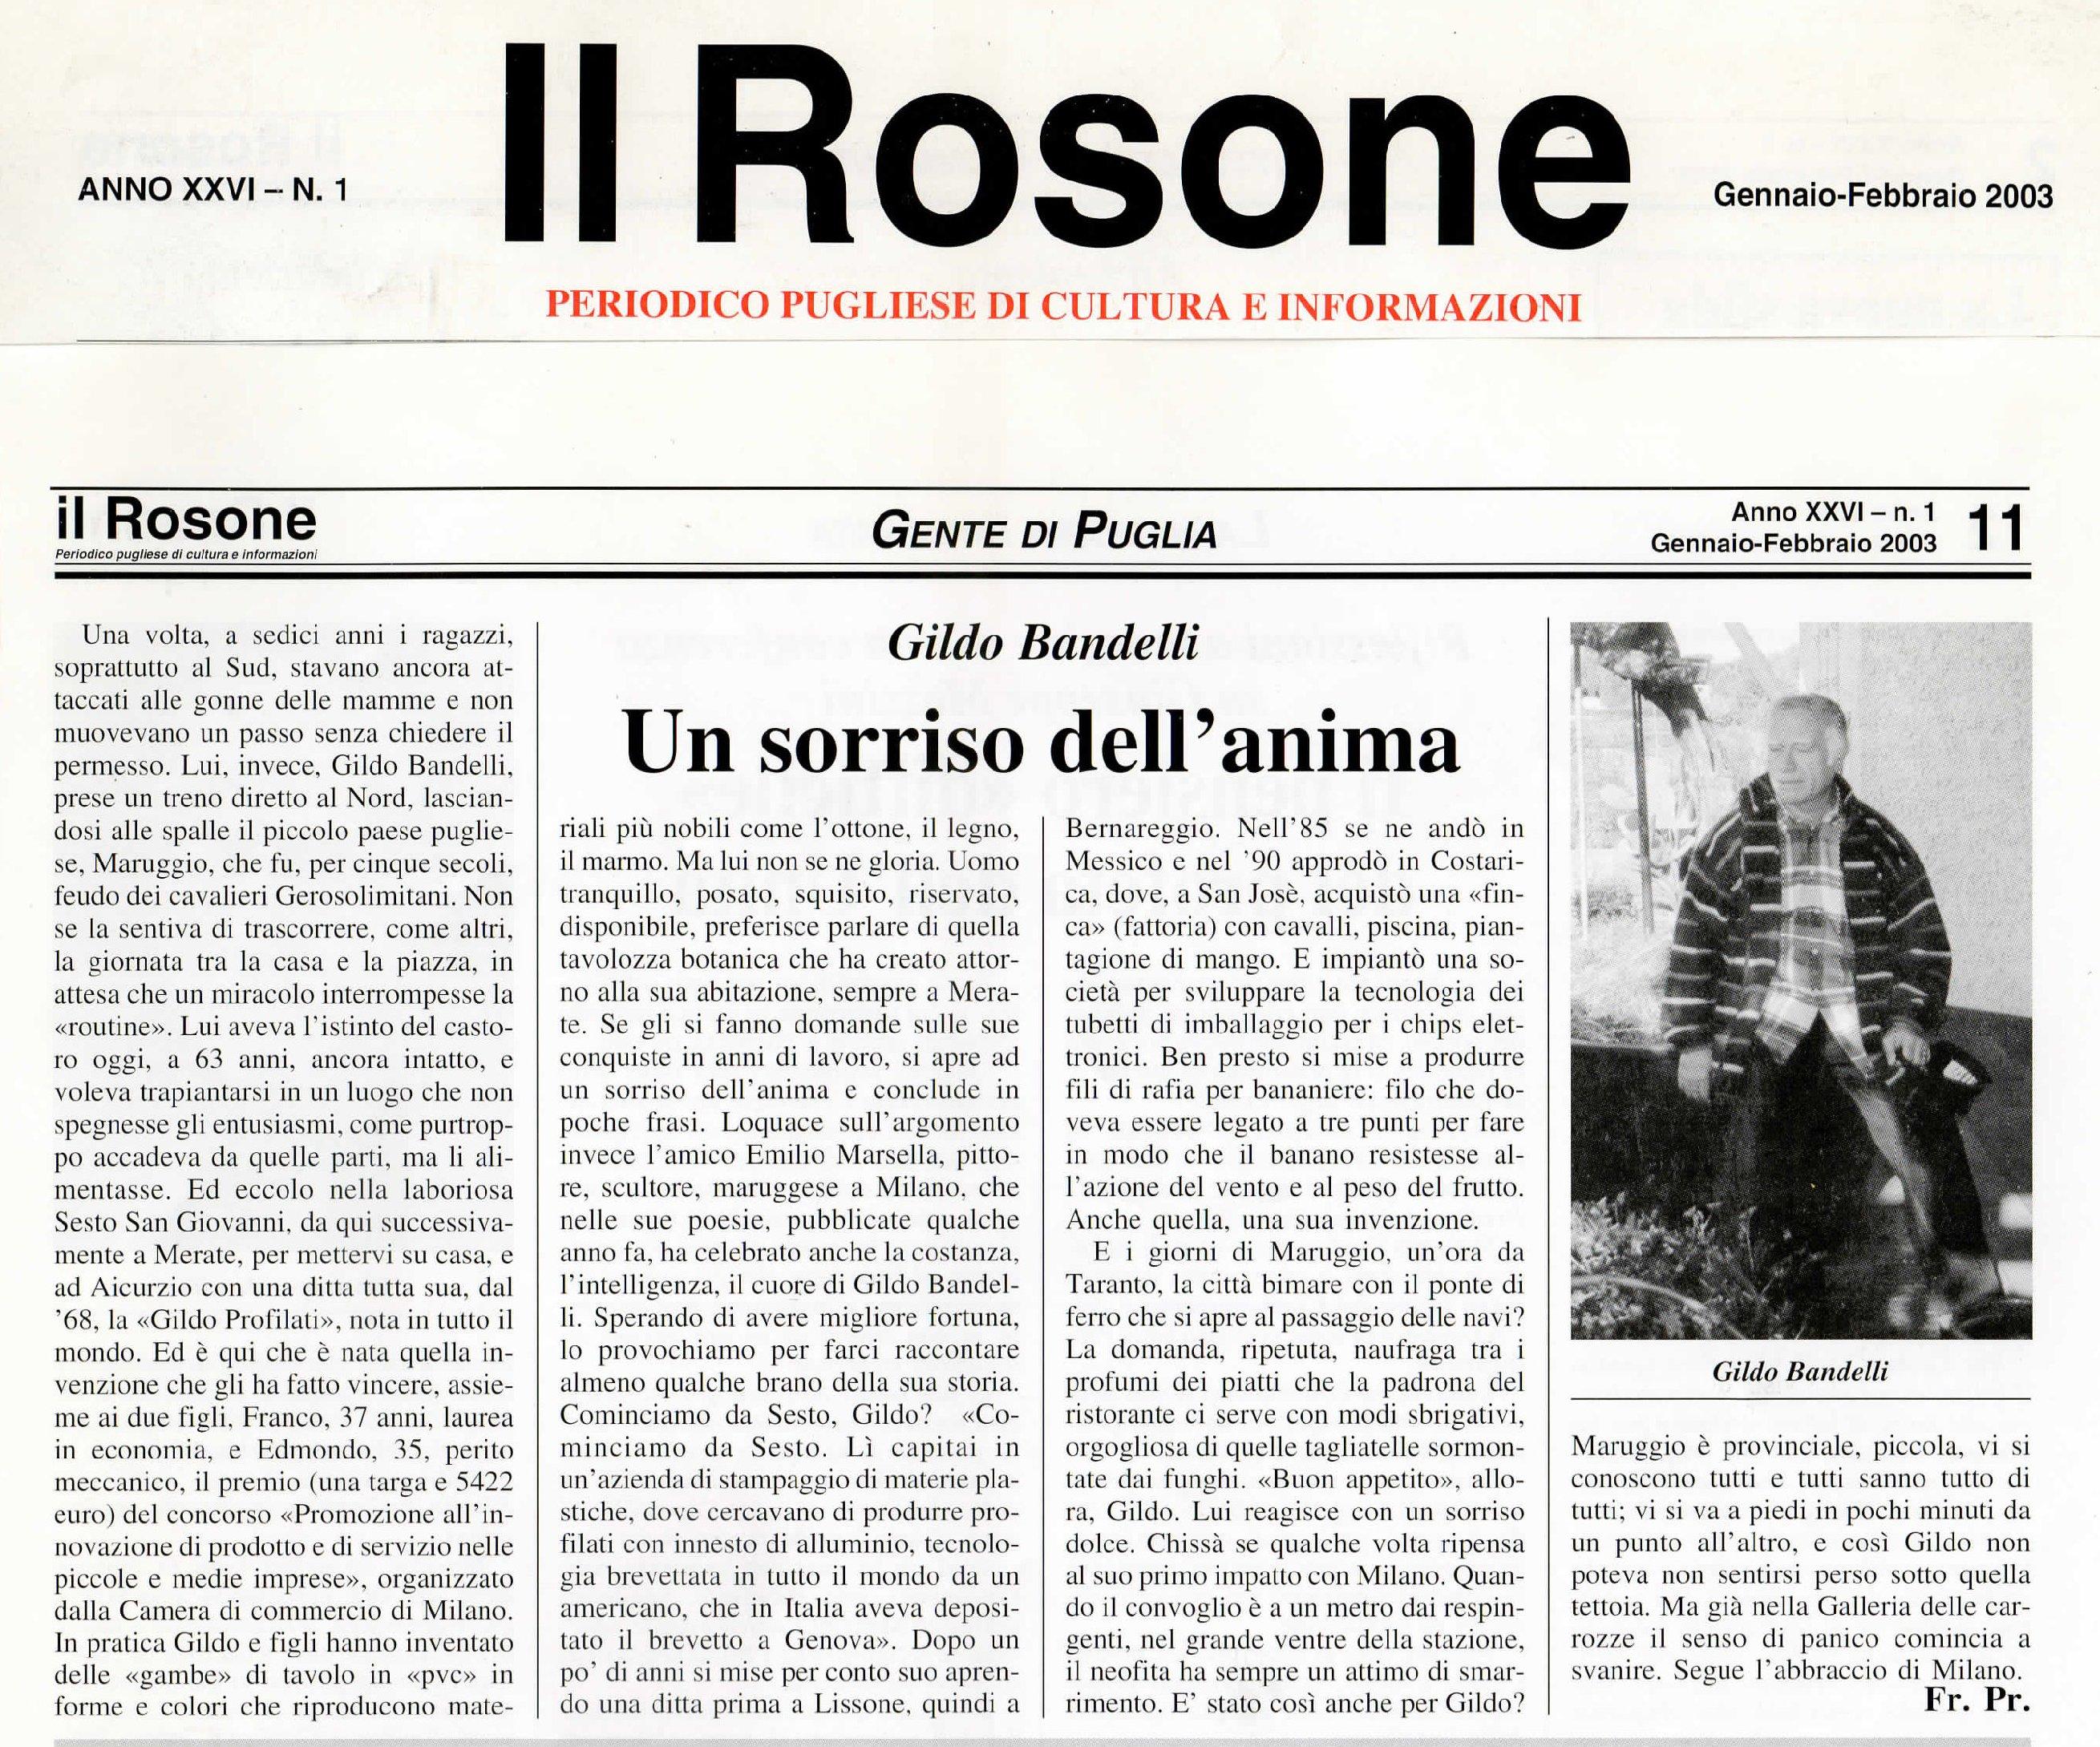 Il Rosone, Gennaio-Febbraio 2003